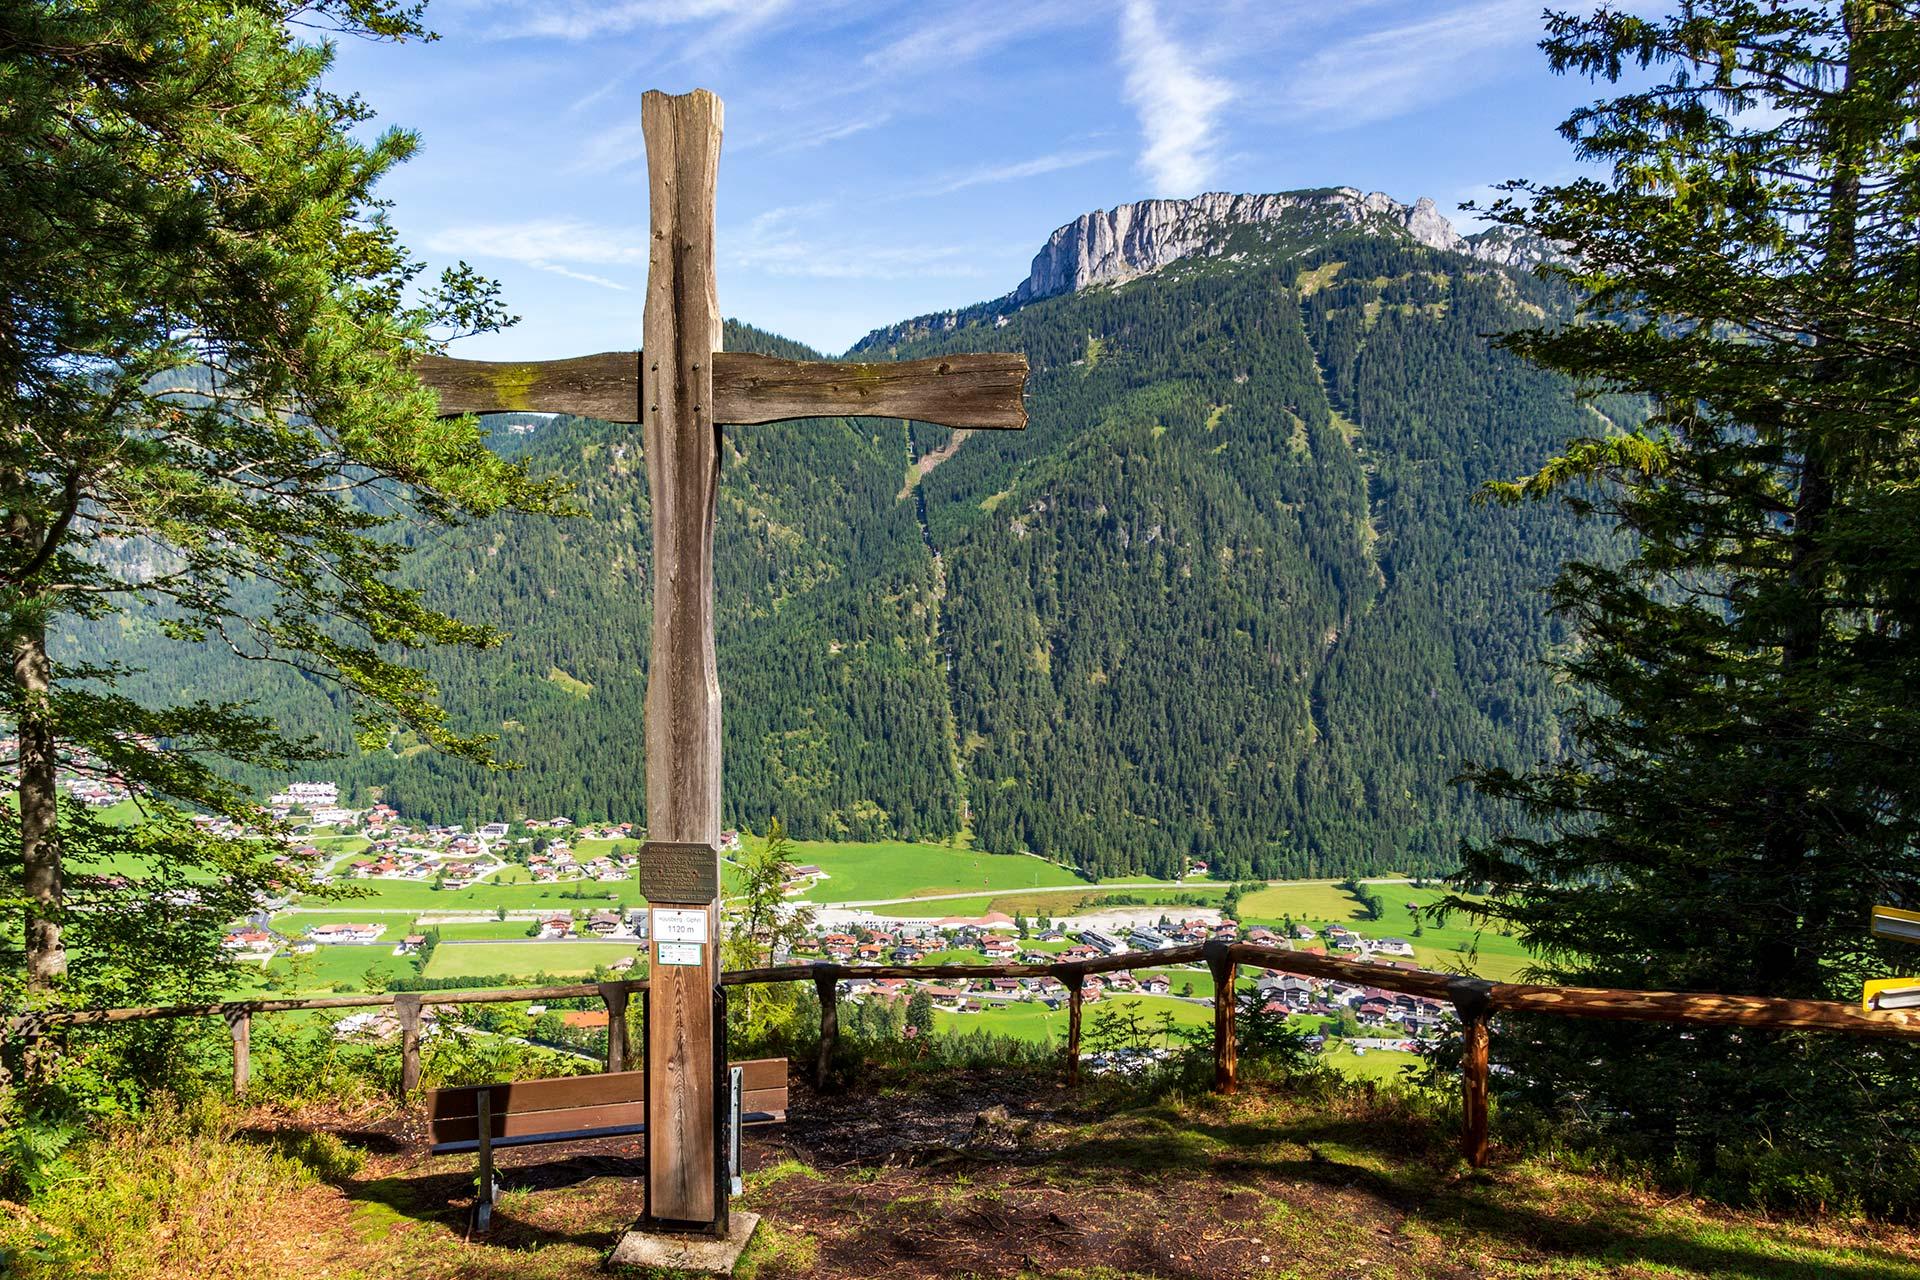 Der Gipfel des Waidringer Hausberg ist der erste Berg, den es oberhalb des Pillersee zu erwandern gilt.